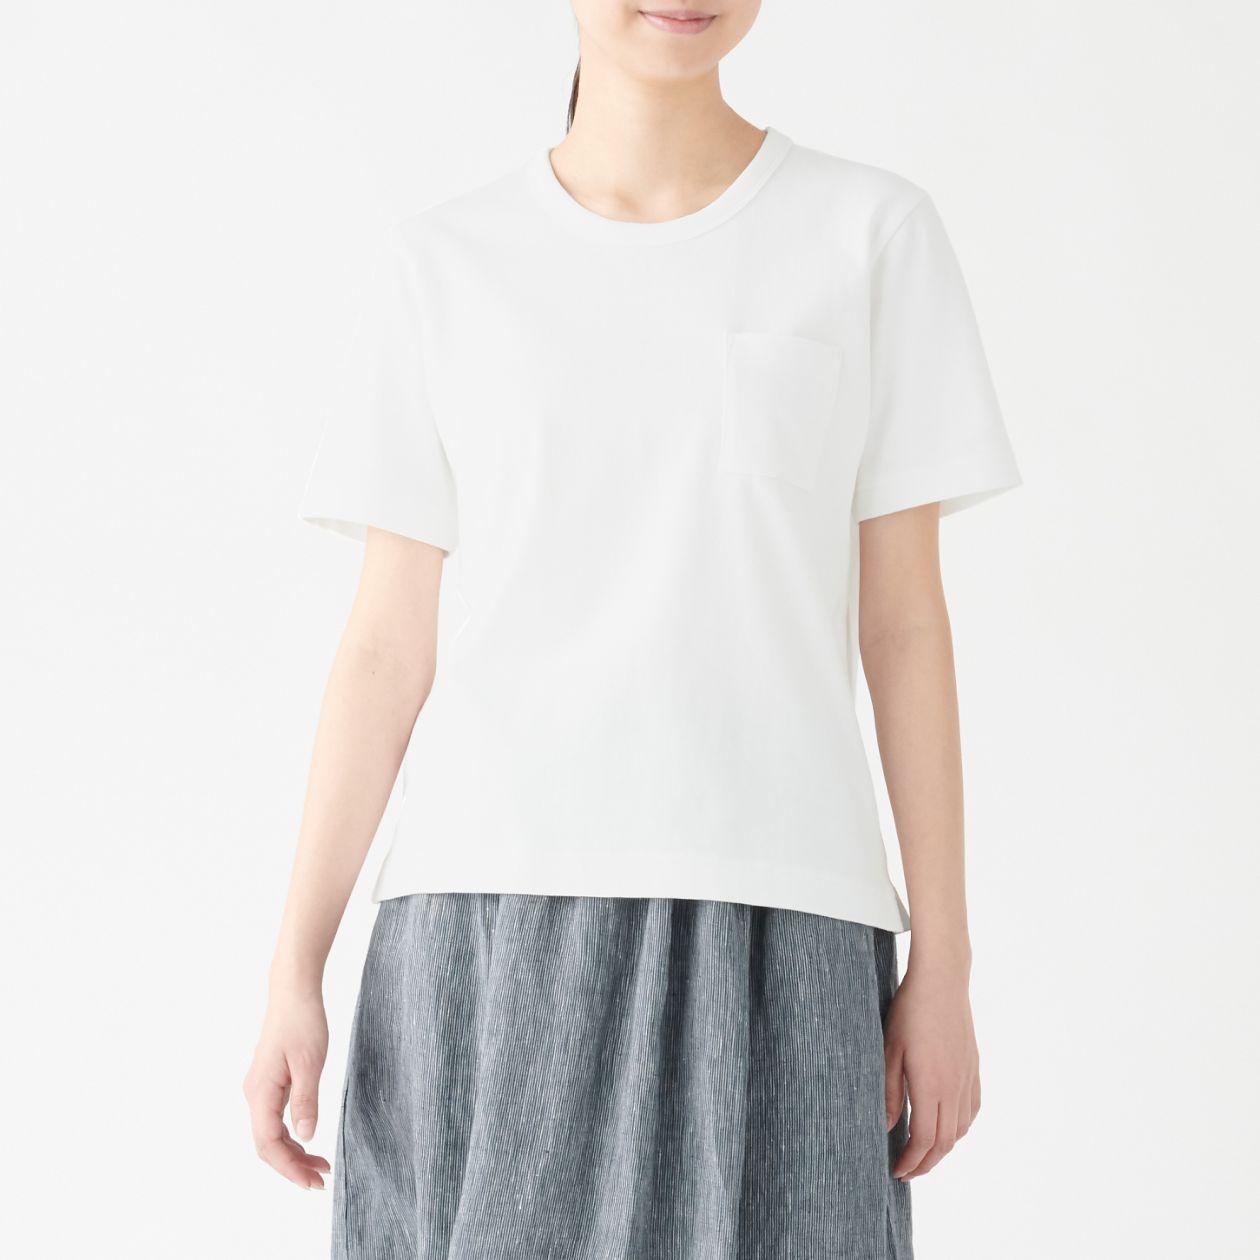 太番手天竺編みクルーネック半袖Tシャツ